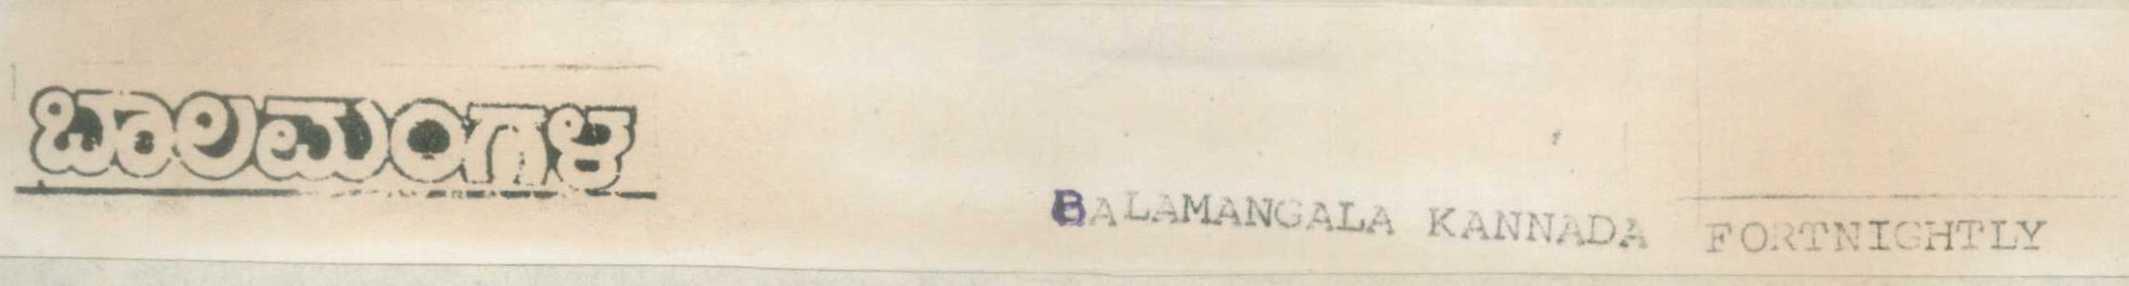 BALAMANGALA